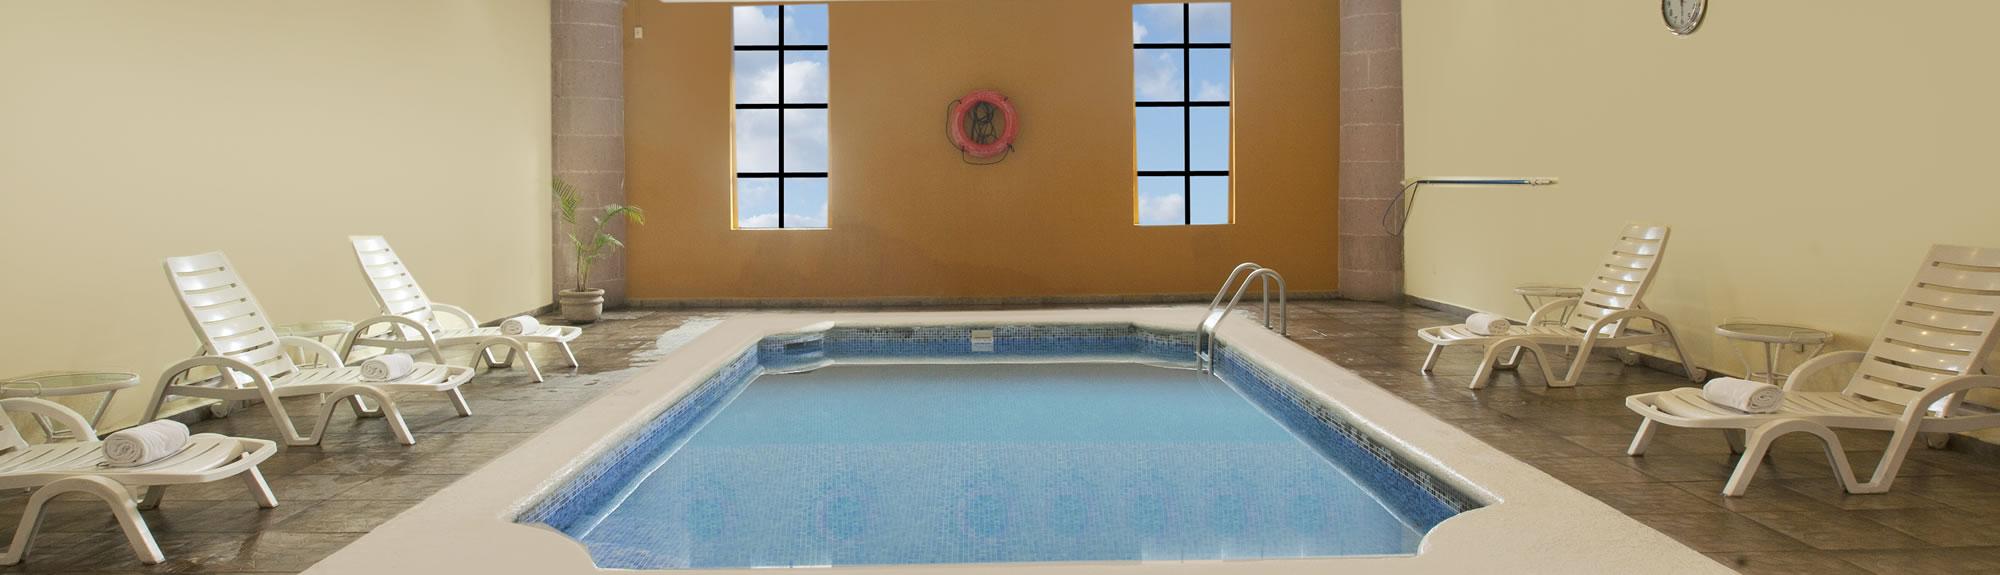 Hotel 5 estrellas en Monterrey